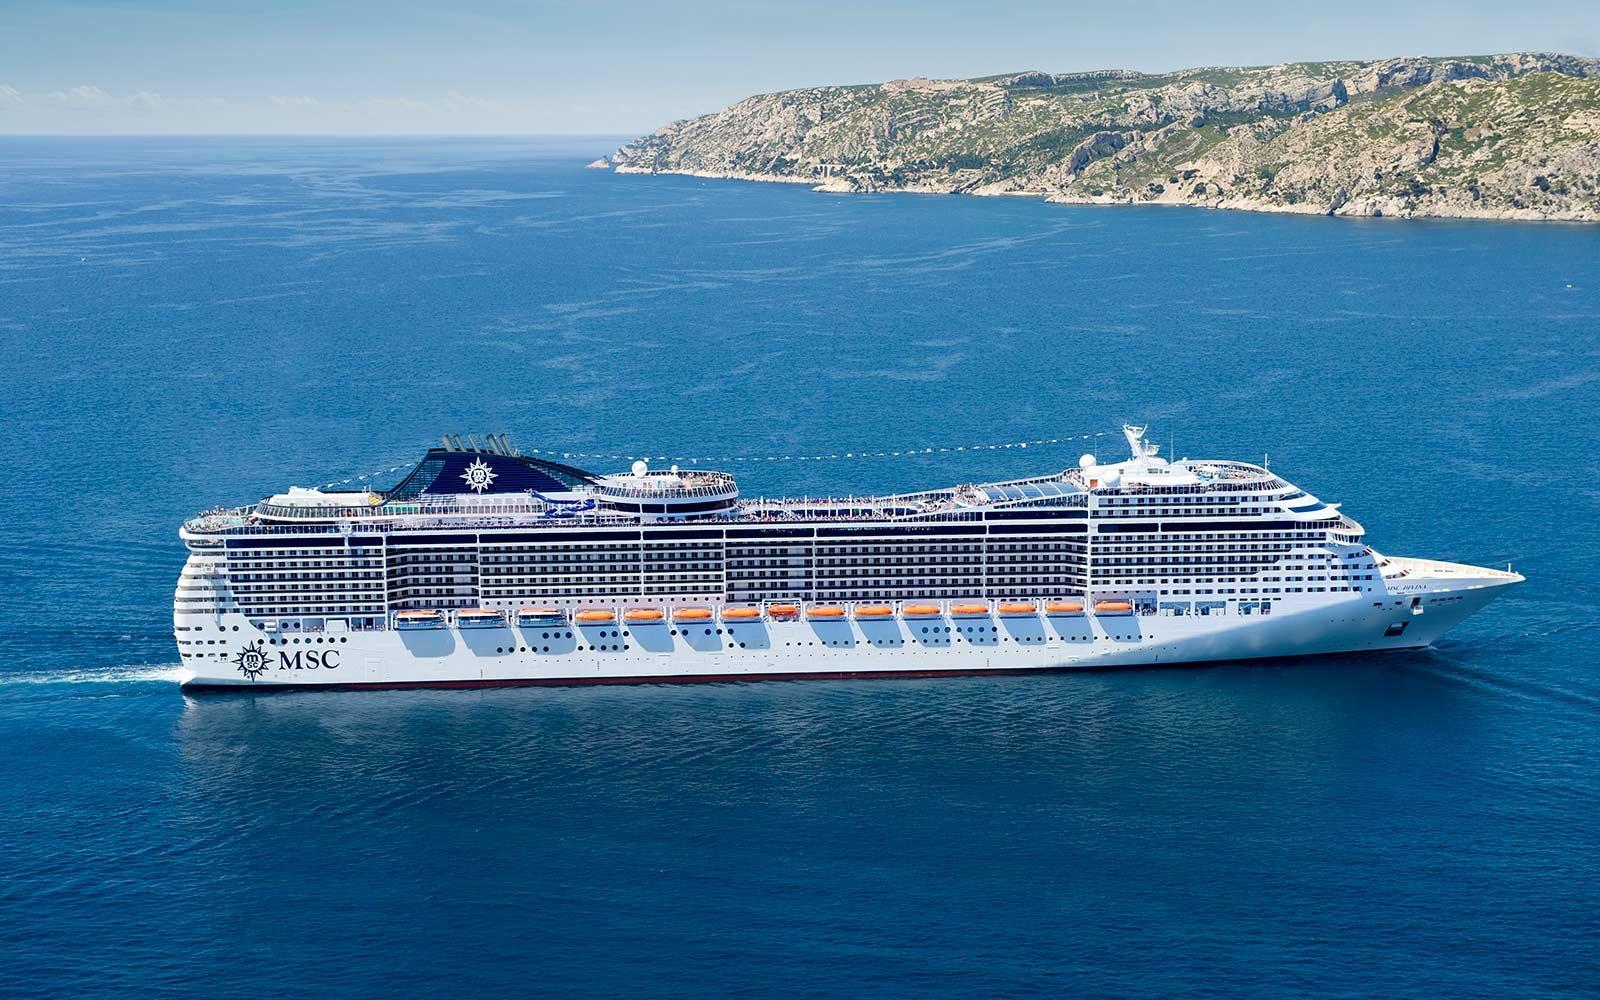 تور کشتی کروز امریکای جنوبی